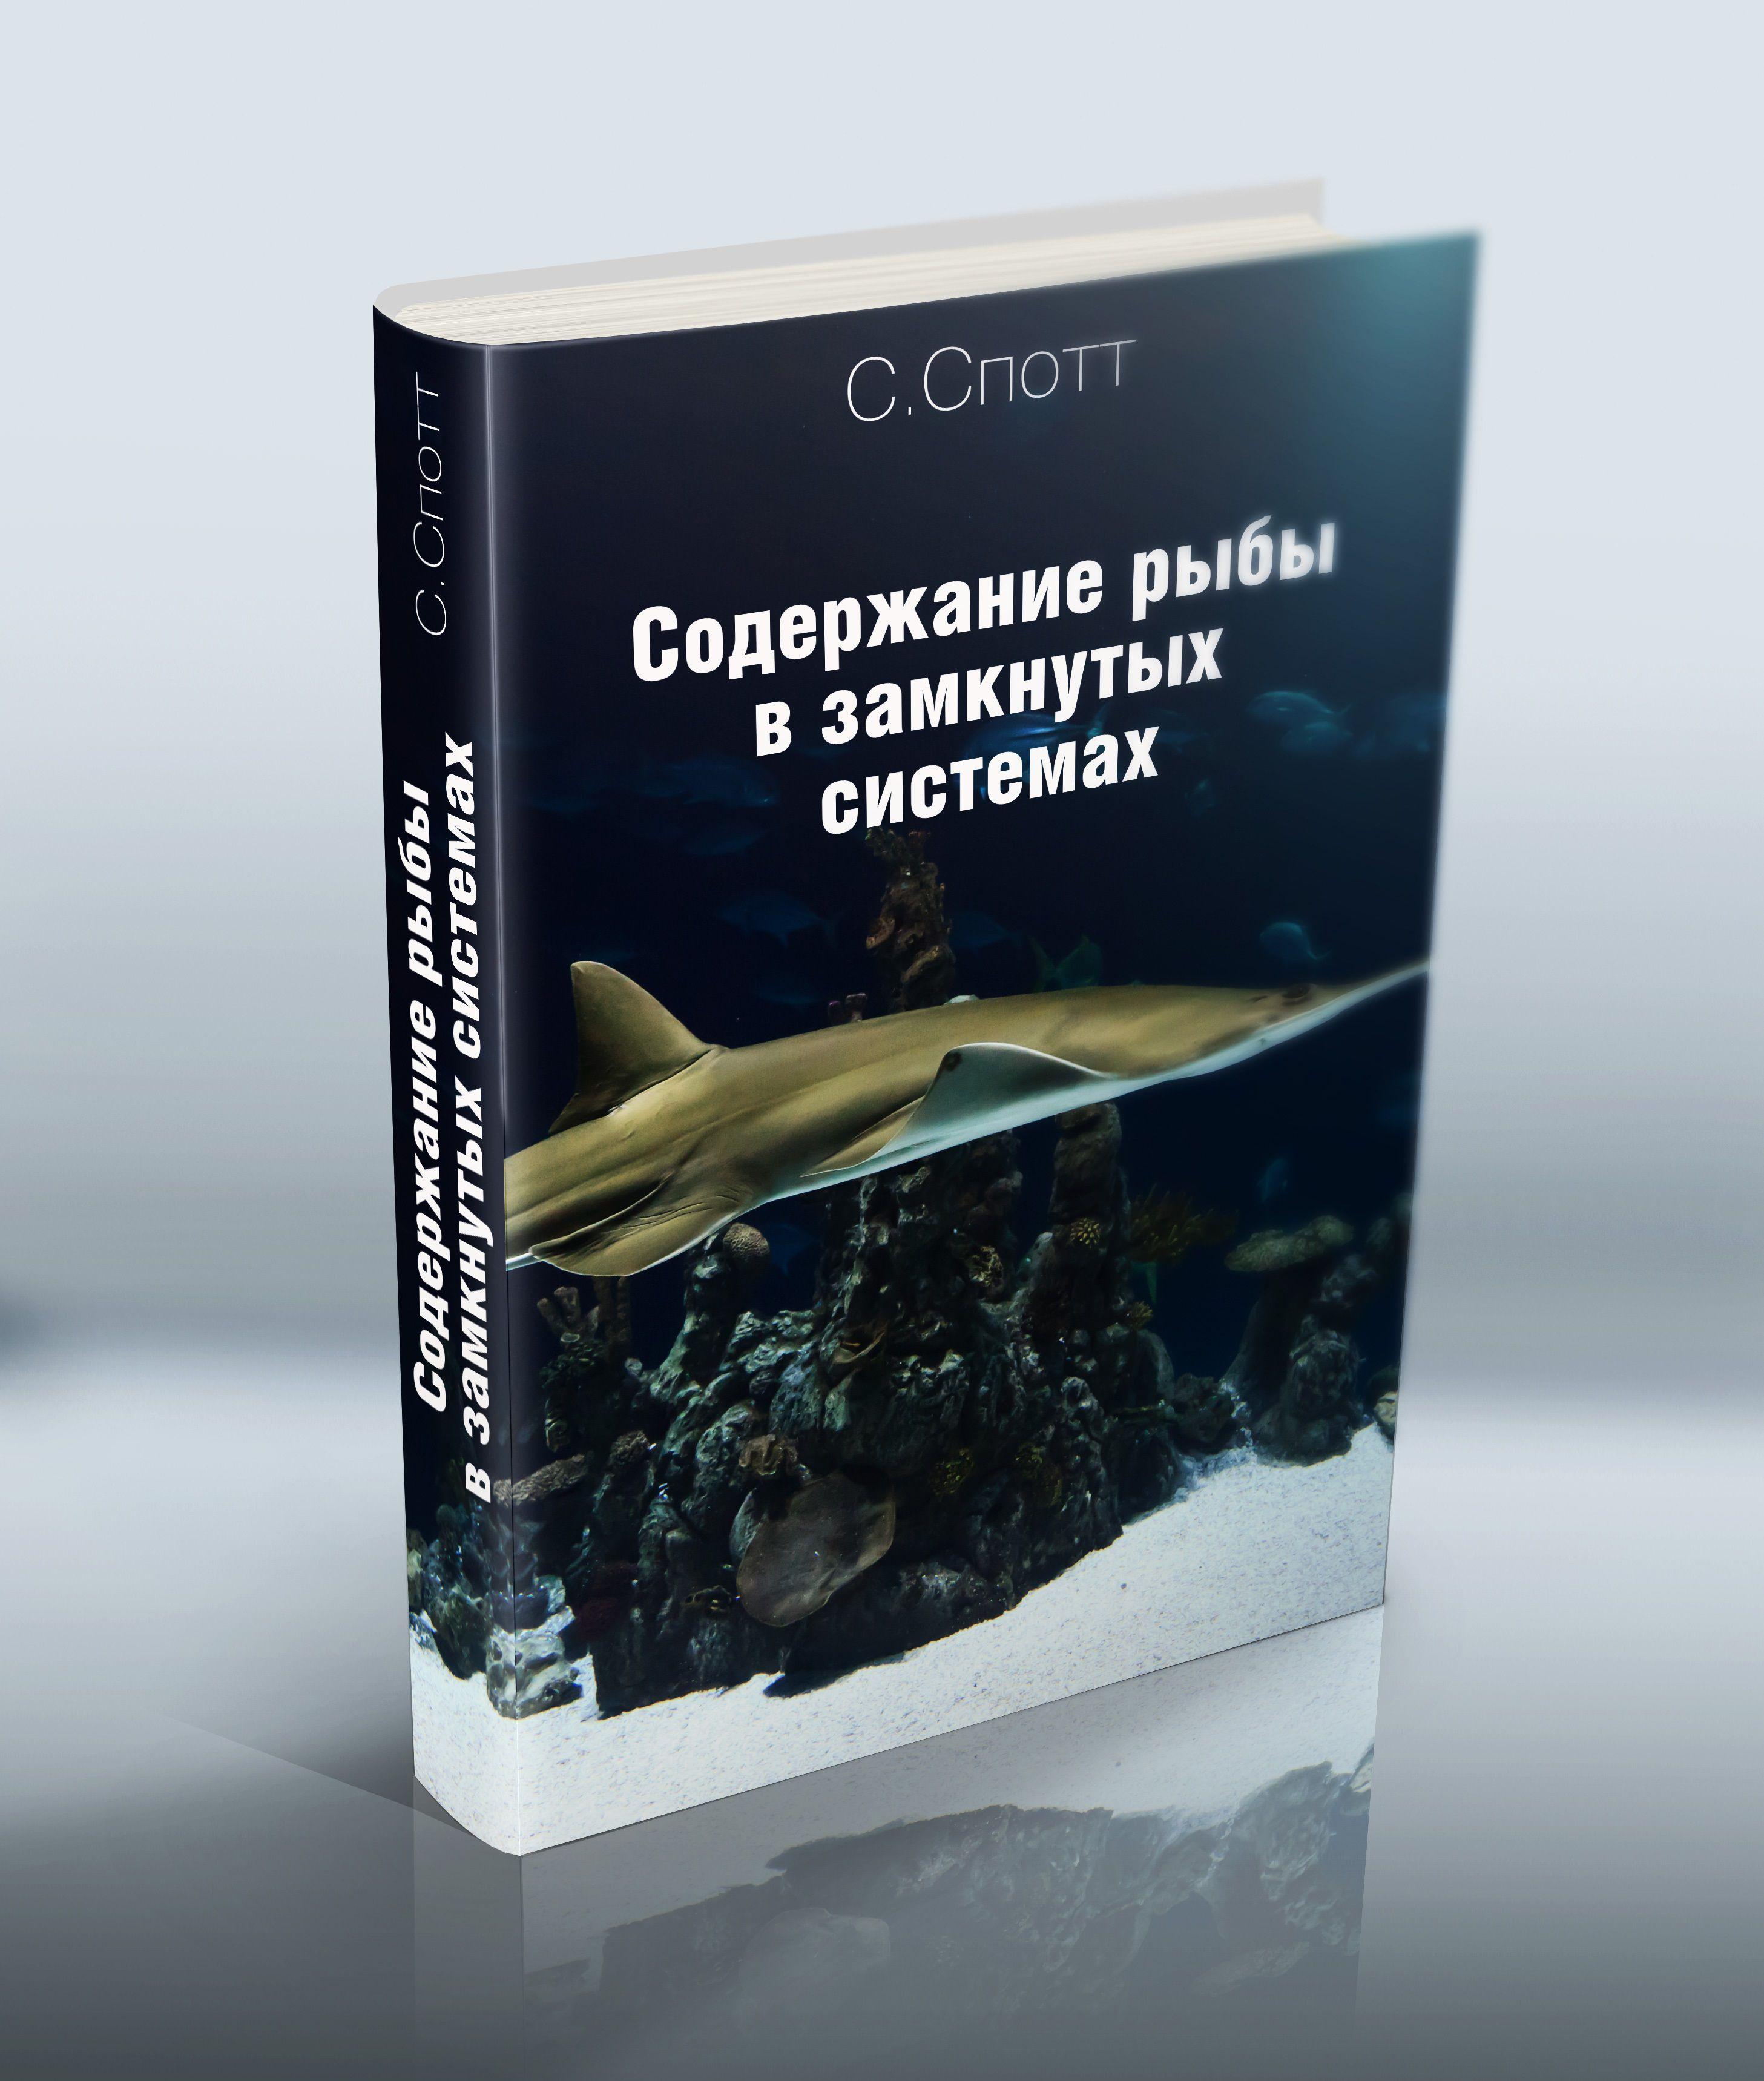 С. Спотт Содержание рыбы в замкнутых системах Москва «Легкая пищевая промышленность» 1983 год